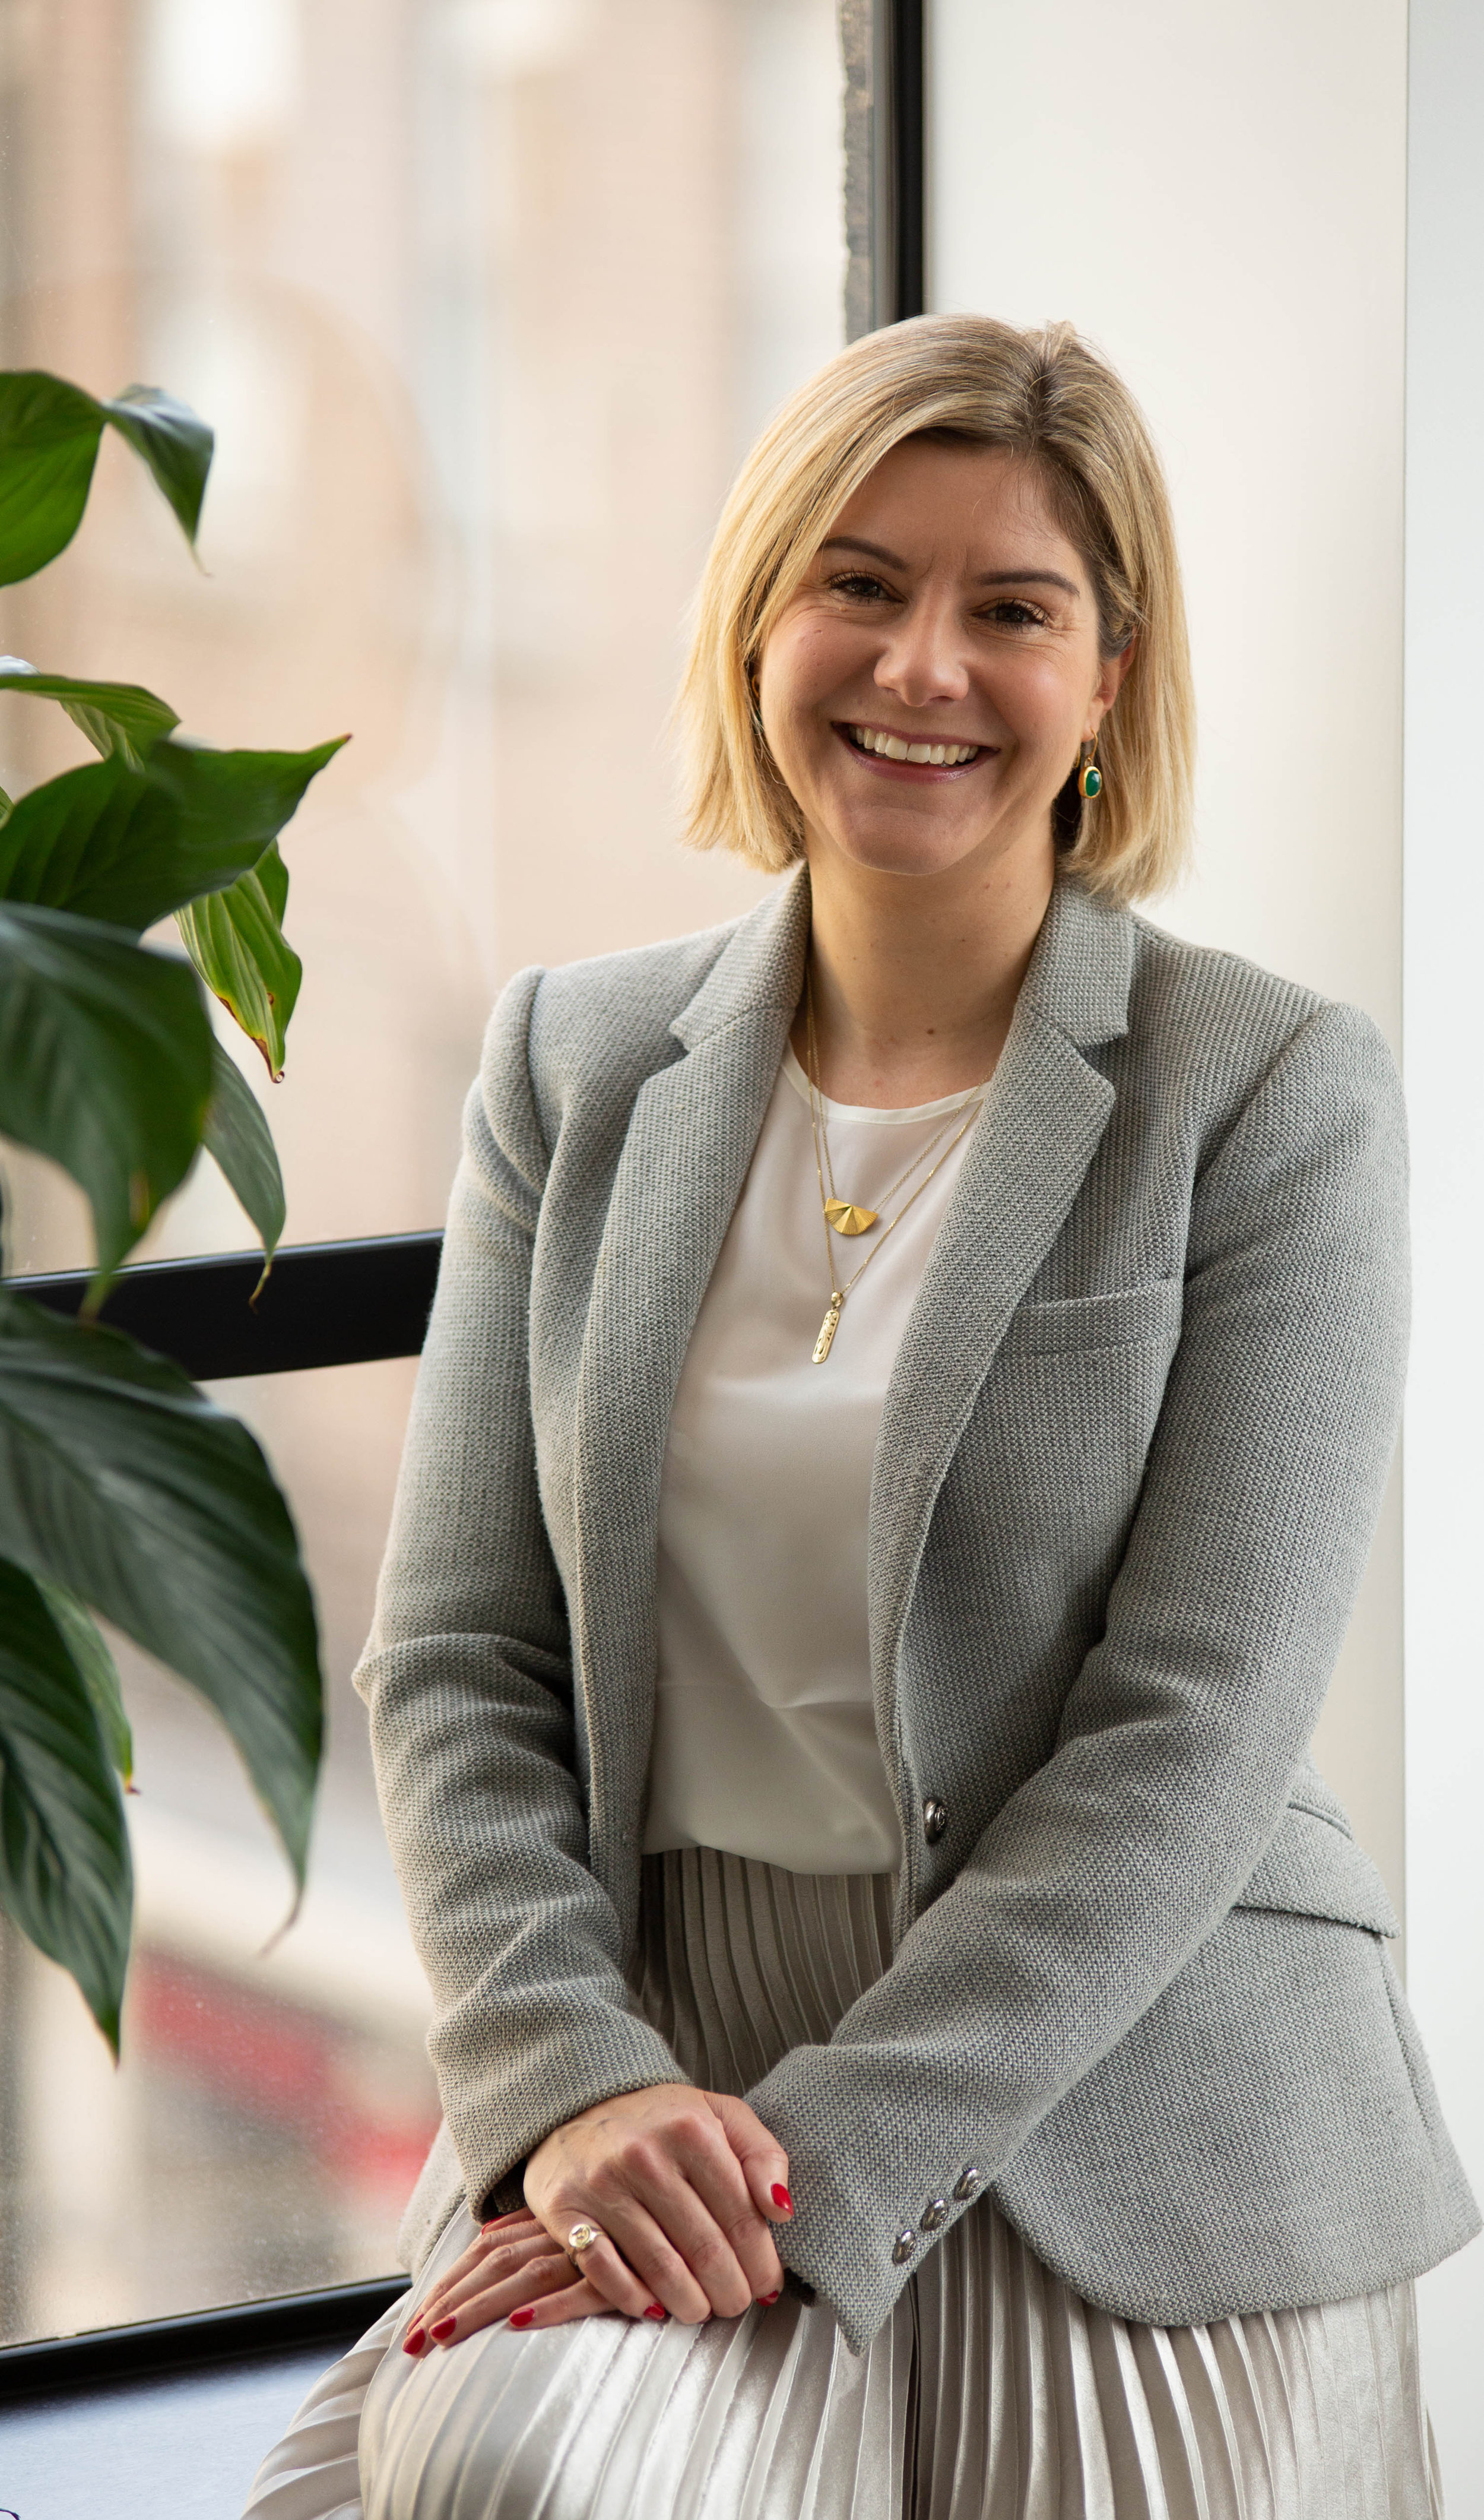 Jessica Stewart - Managing Director